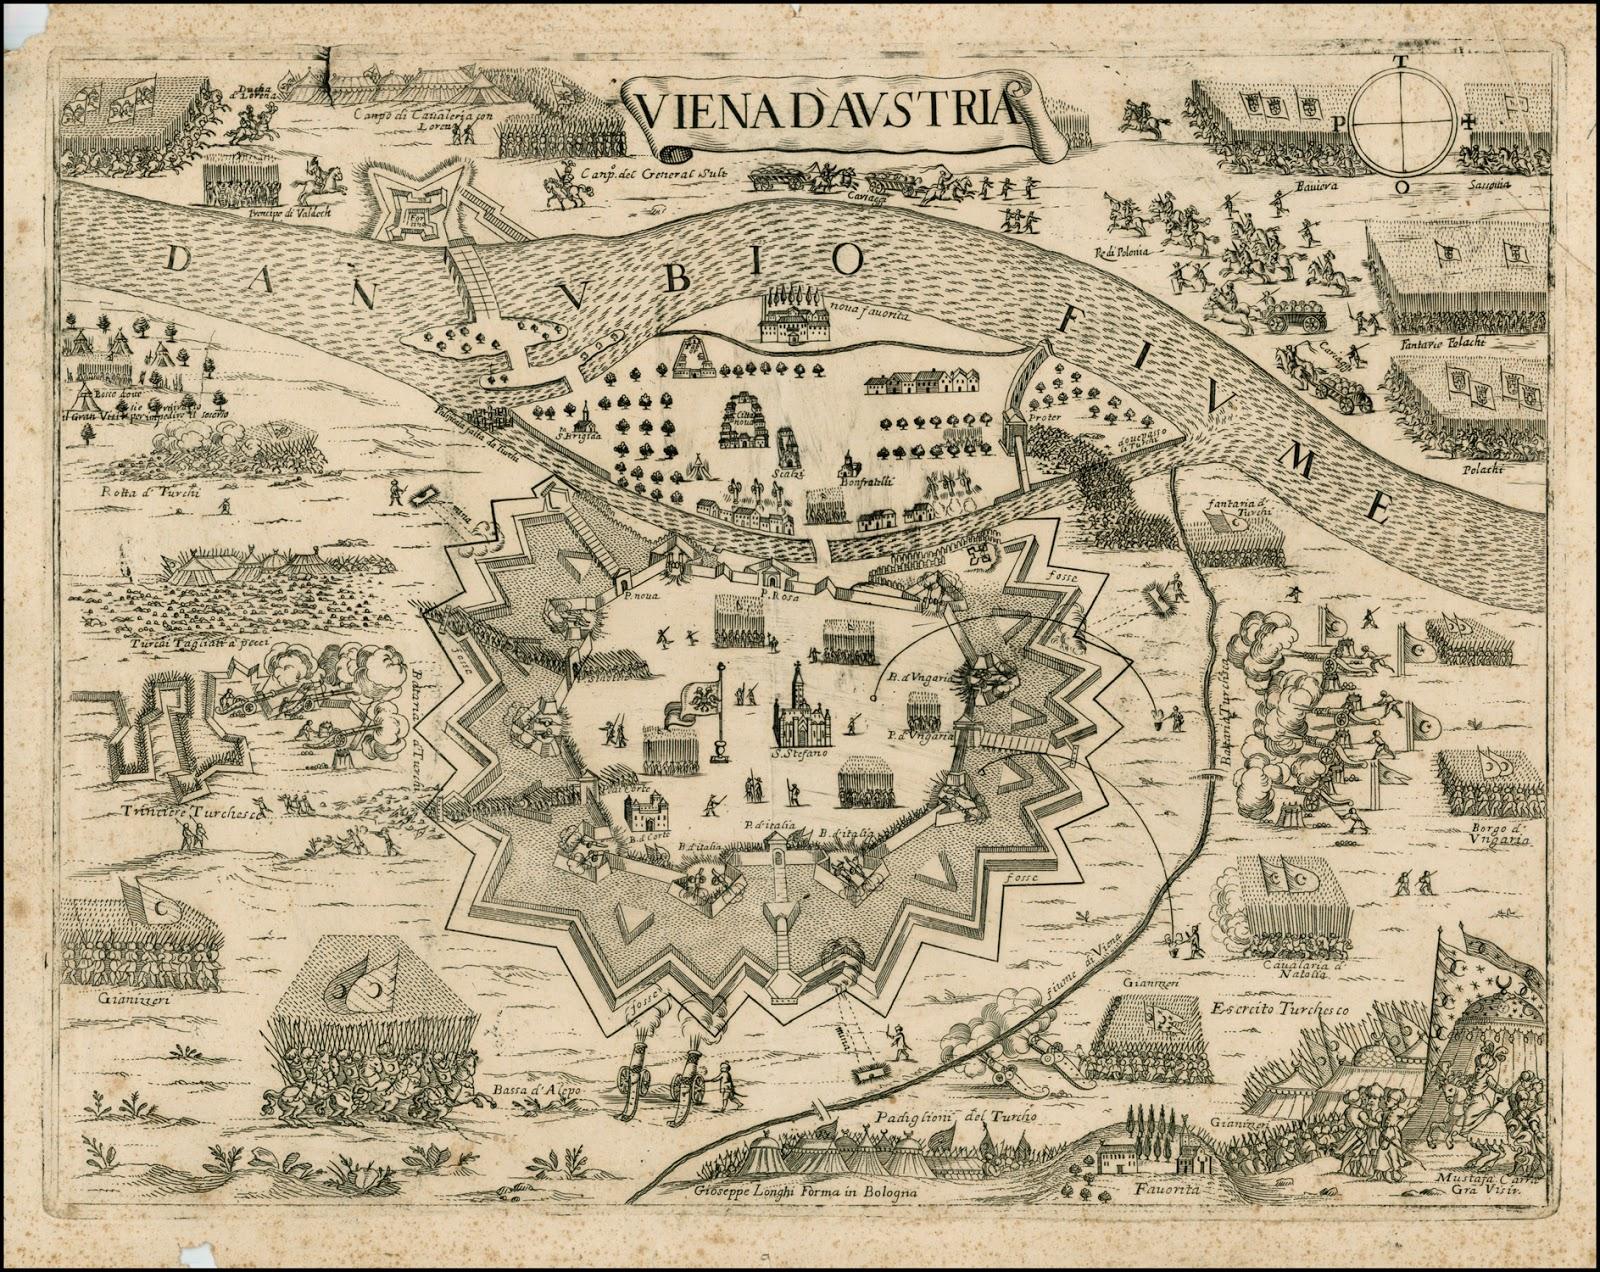 Battle_of_Vienna_1683_map.jpg